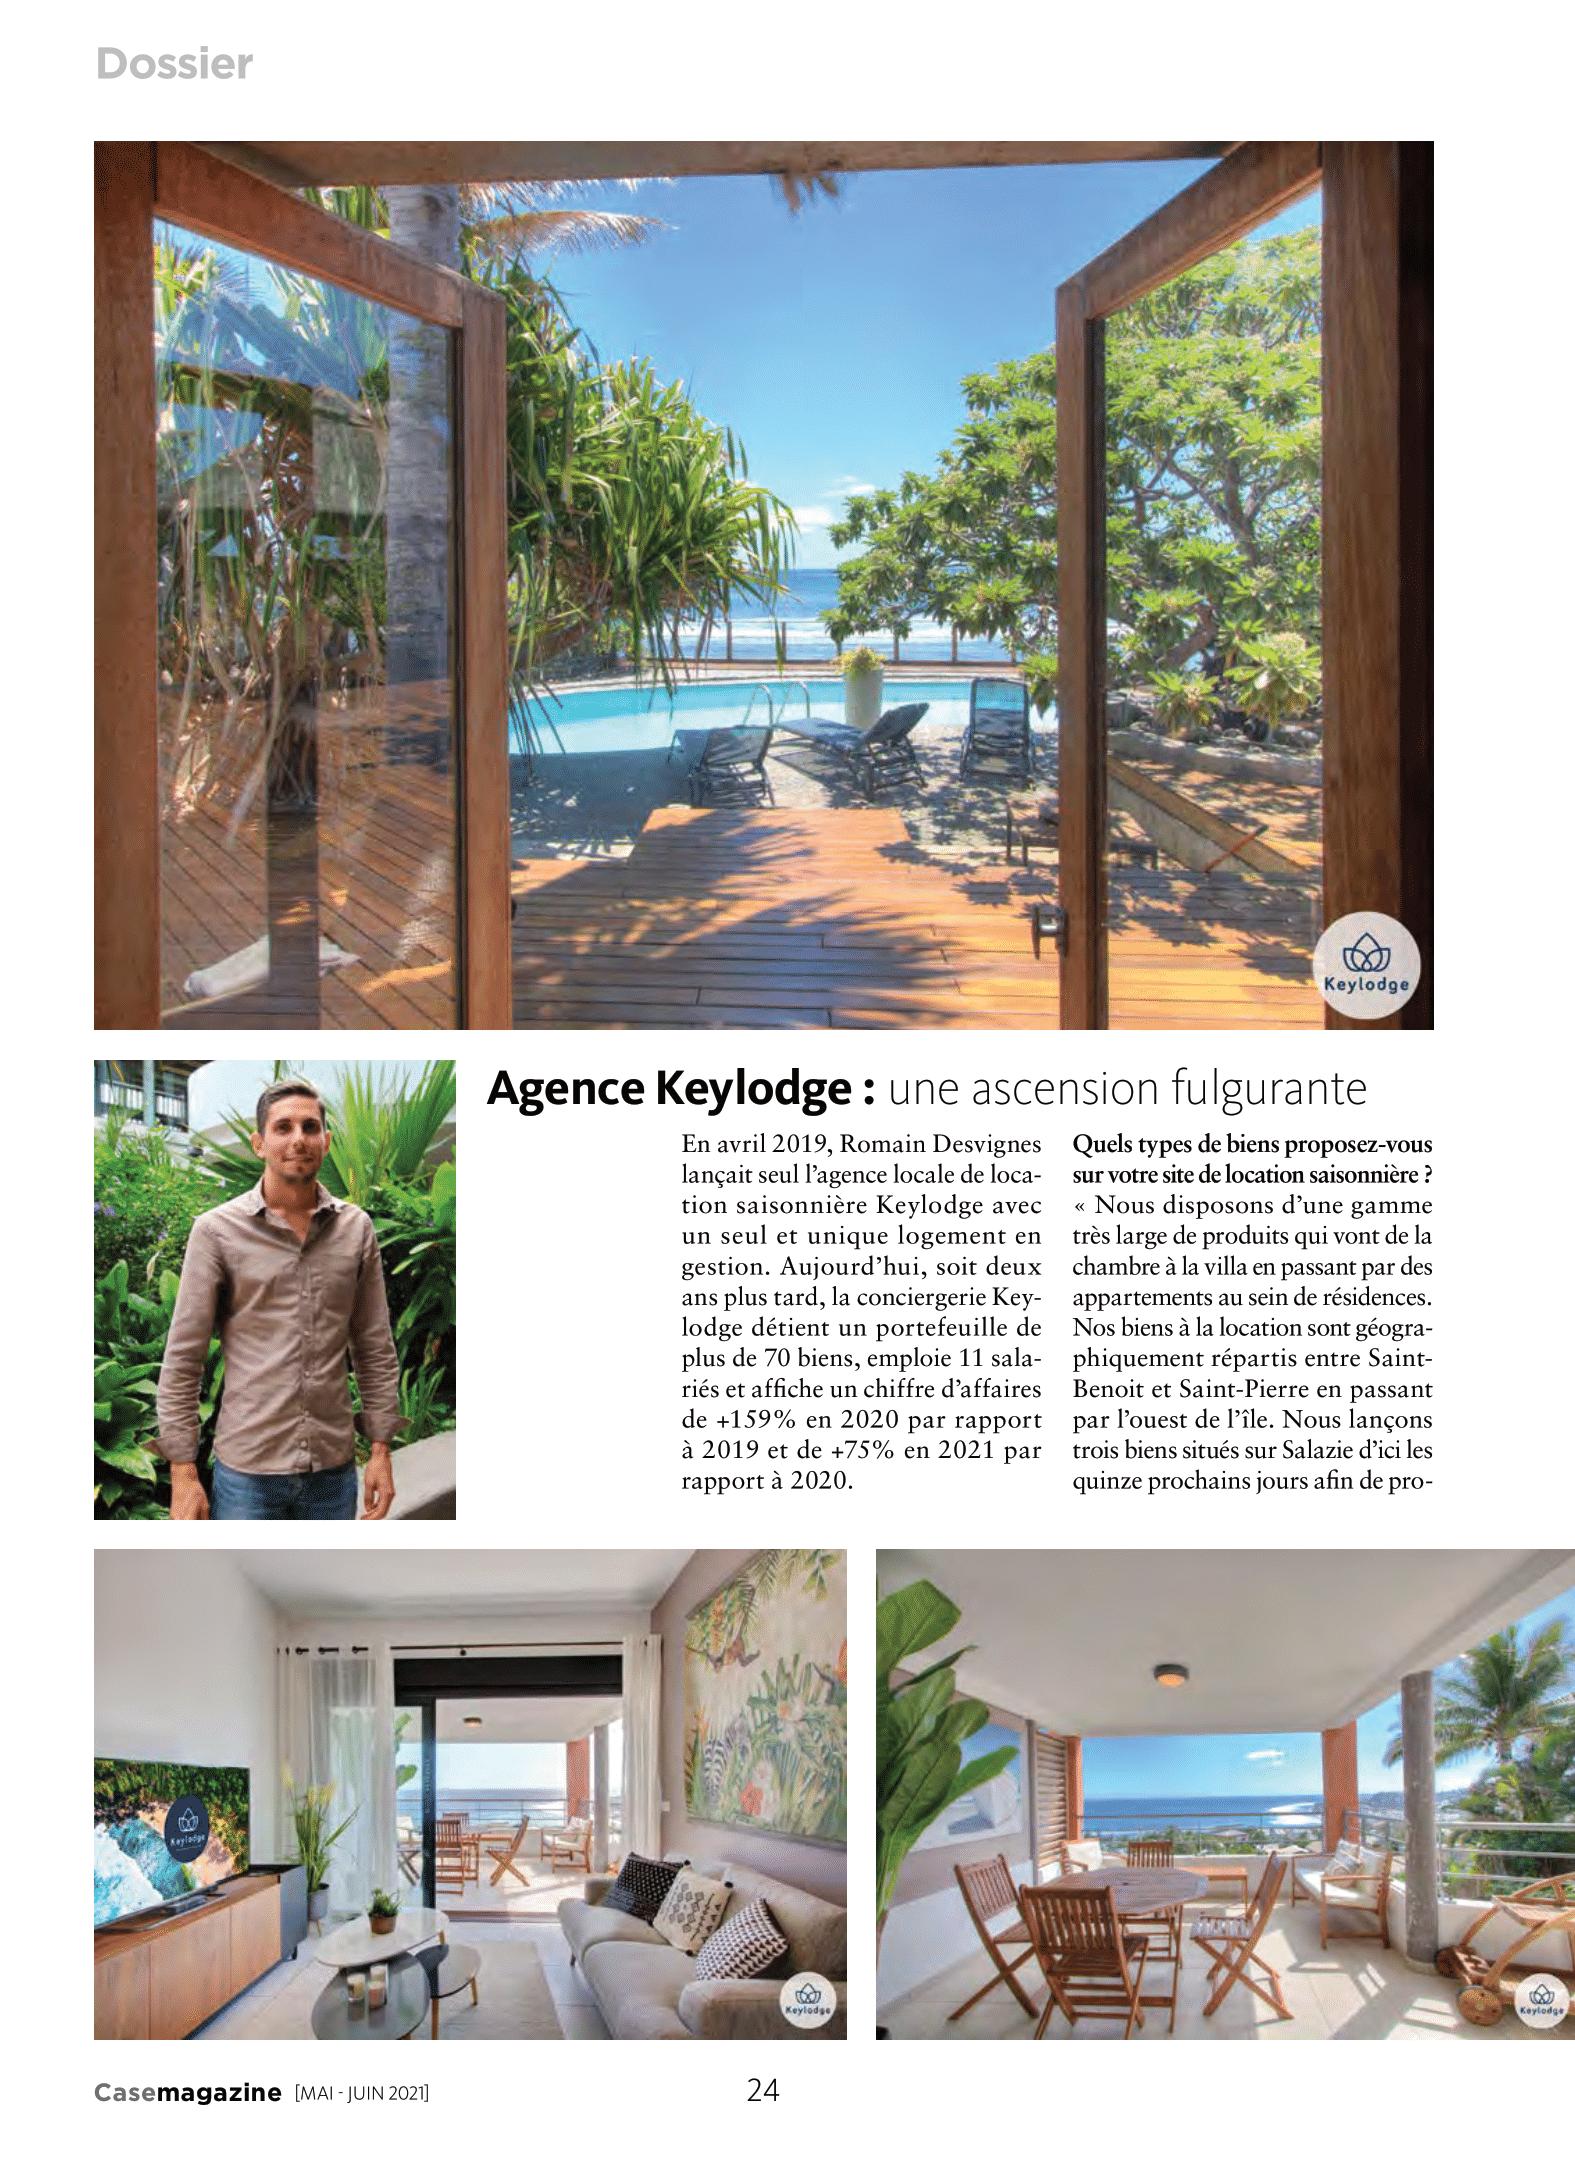 Découvrez l'article sur Keylodge agence de location saisonnière à la Réunion dans Case Magasine